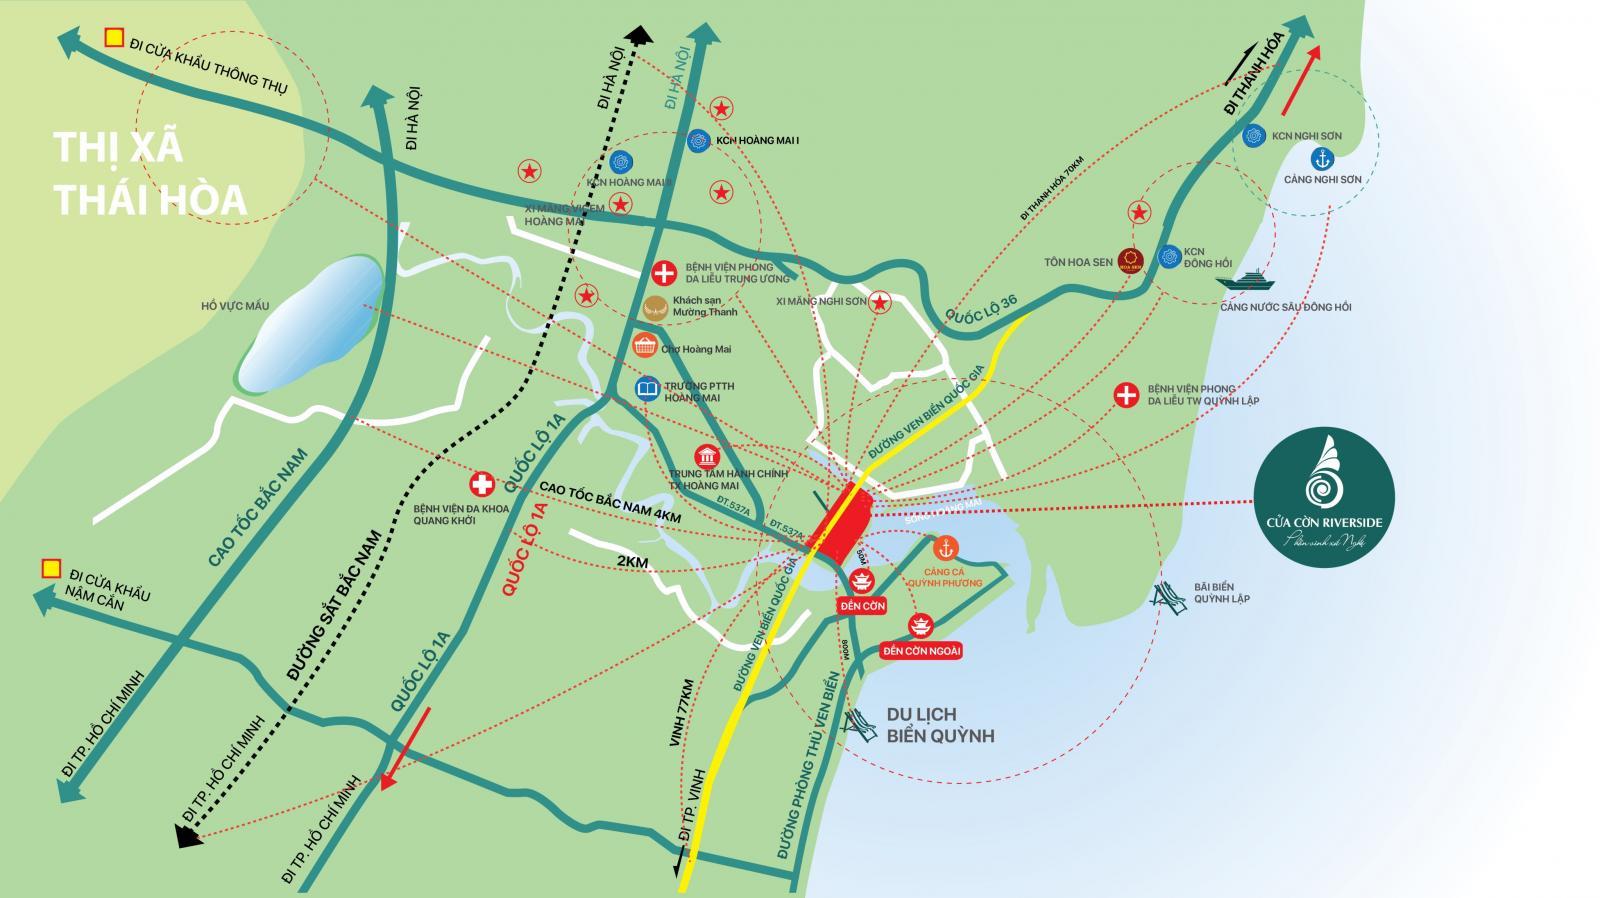 Bản đồ với ký hiệu con đường là những mũi tên màu xanh, chữ đen - đỏ